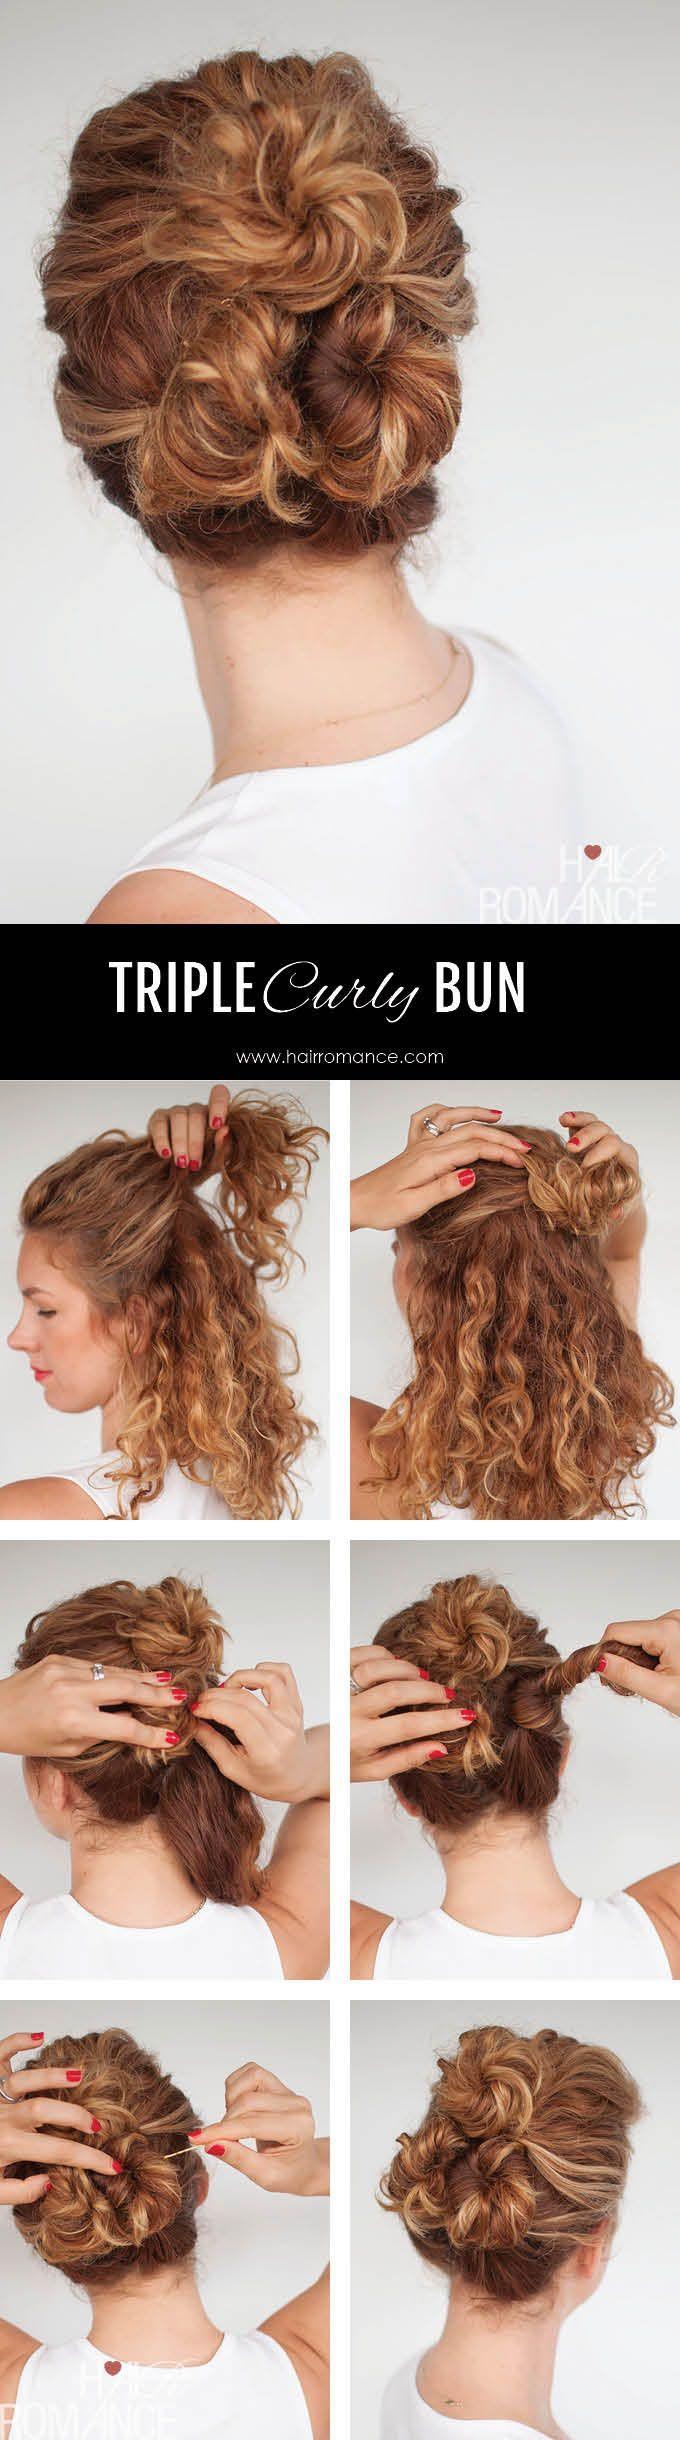 Einfache alltägliche Tutorials für lockige Frisuren – das lockige Dreifachbrö…